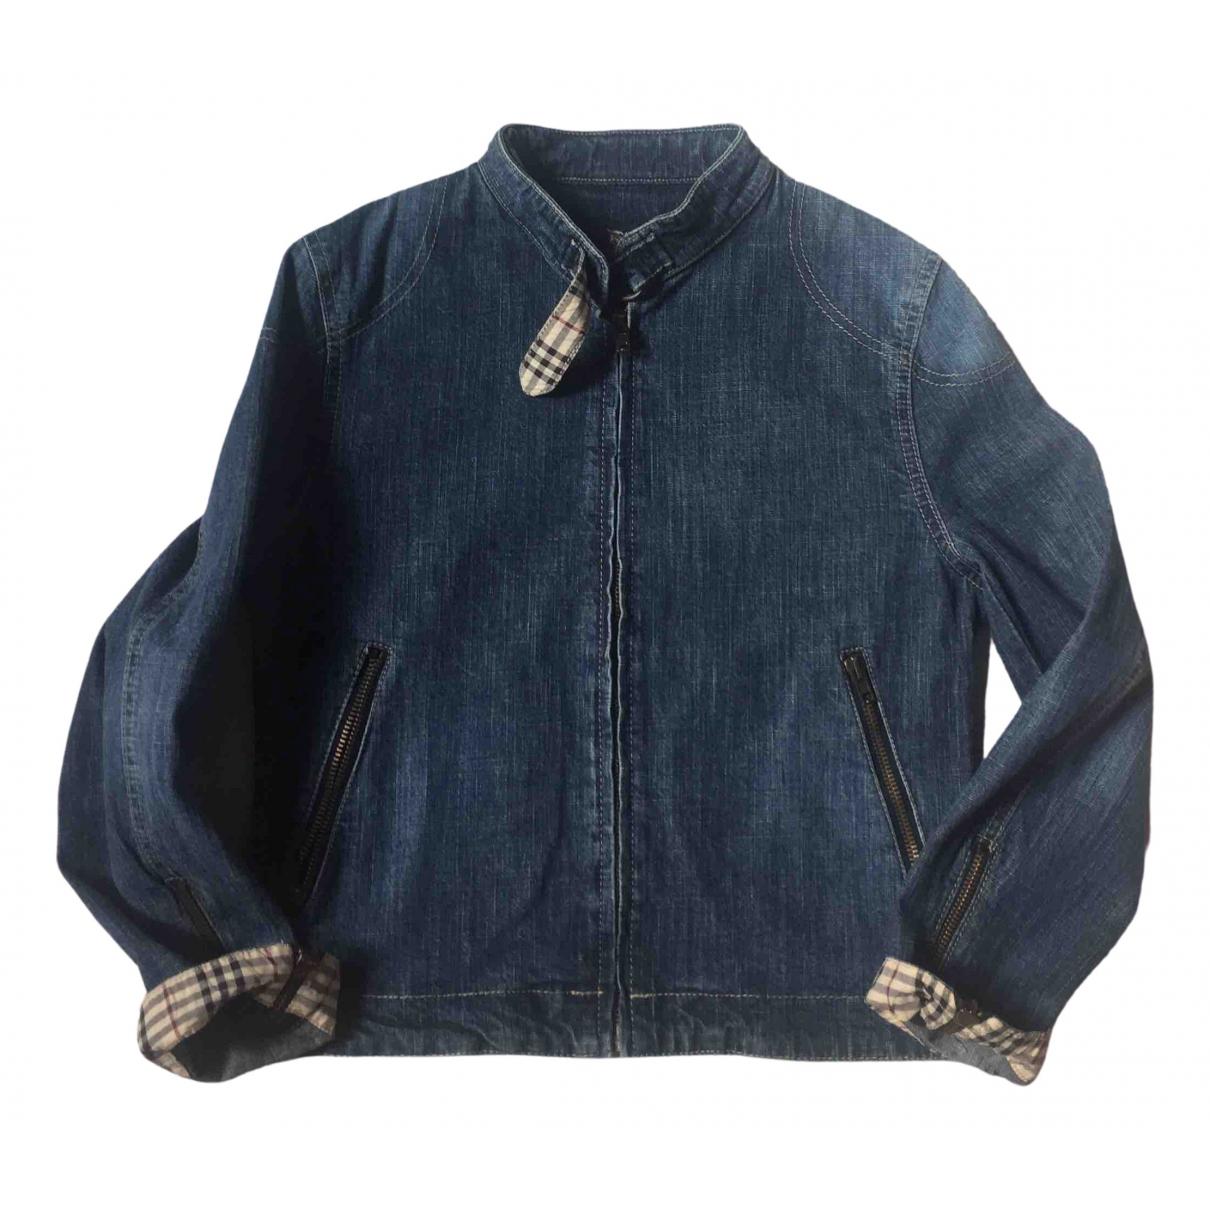 Burberry - Blousons.Manteaux   pour enfant en denim - bleu